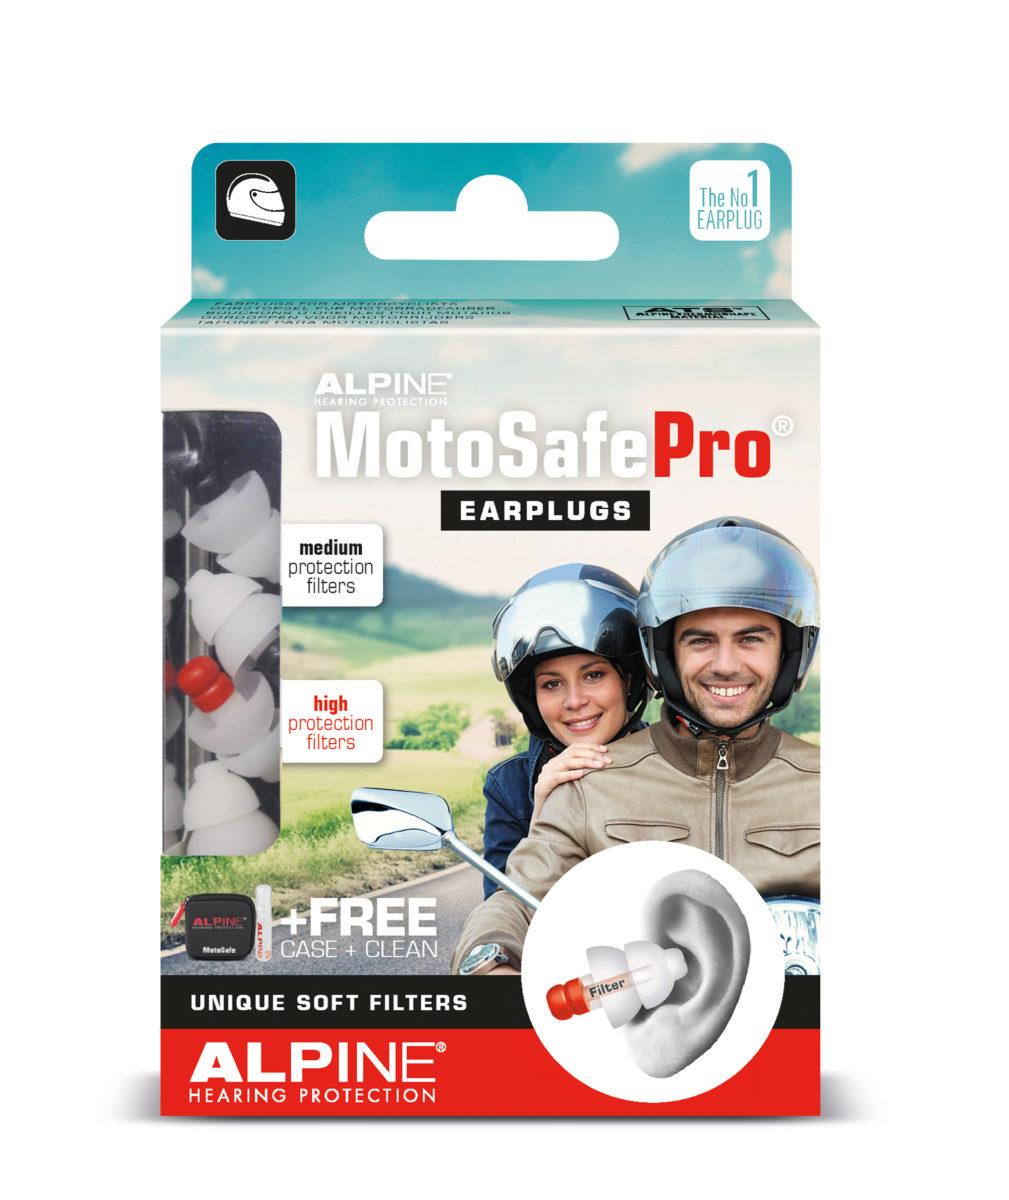 фото 1 - Беруши для мотоспорта ALPINE MOTOSAFE PRO